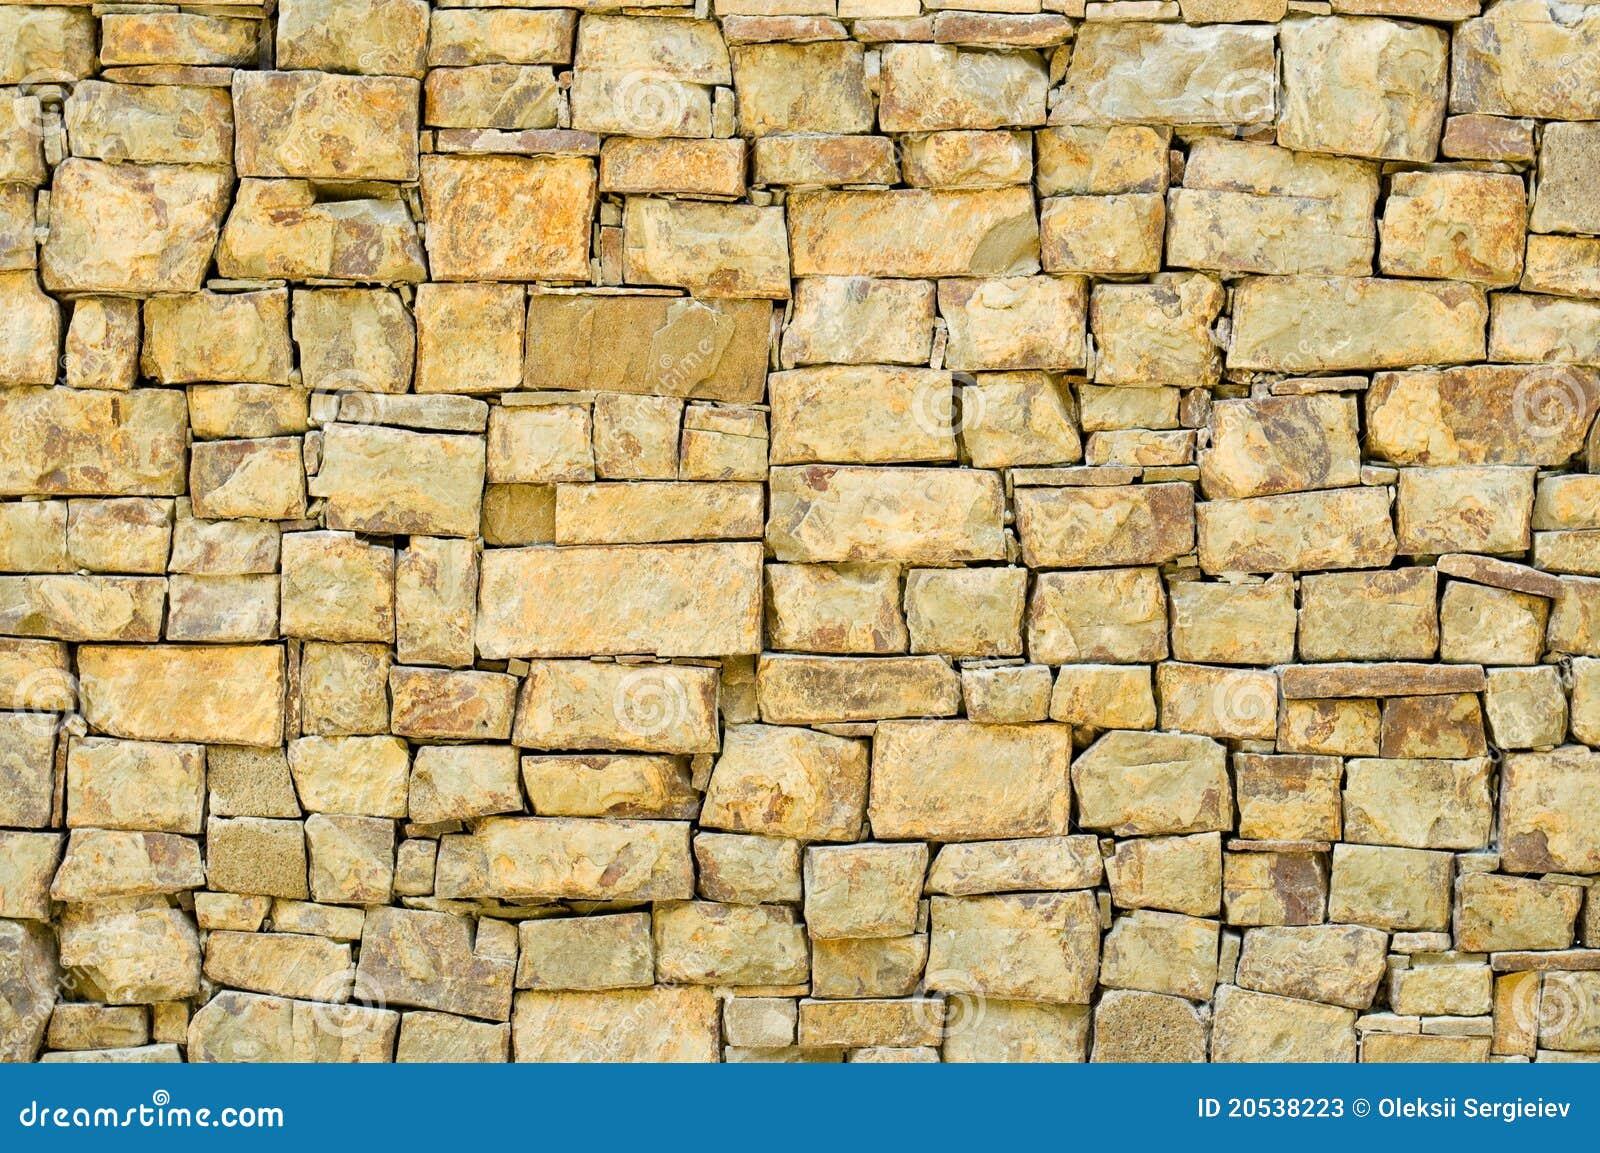 Textura de la pared de piedra antigua fotos de archivo - Fotos en la pared ...